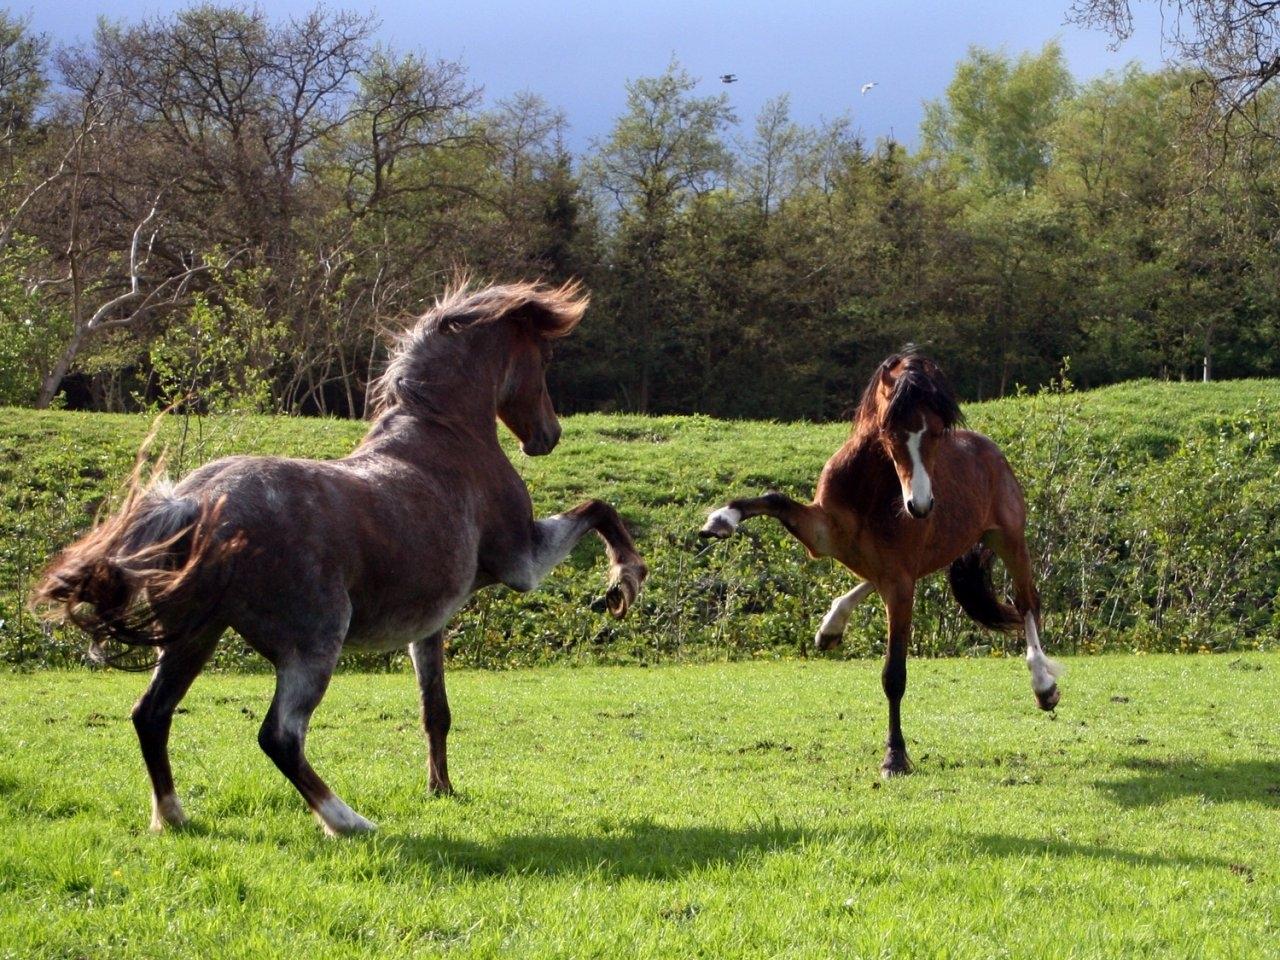 34670 Заставки и Обои Лошади на телефон. Скачать Лошади, Животные картинки бесплатно